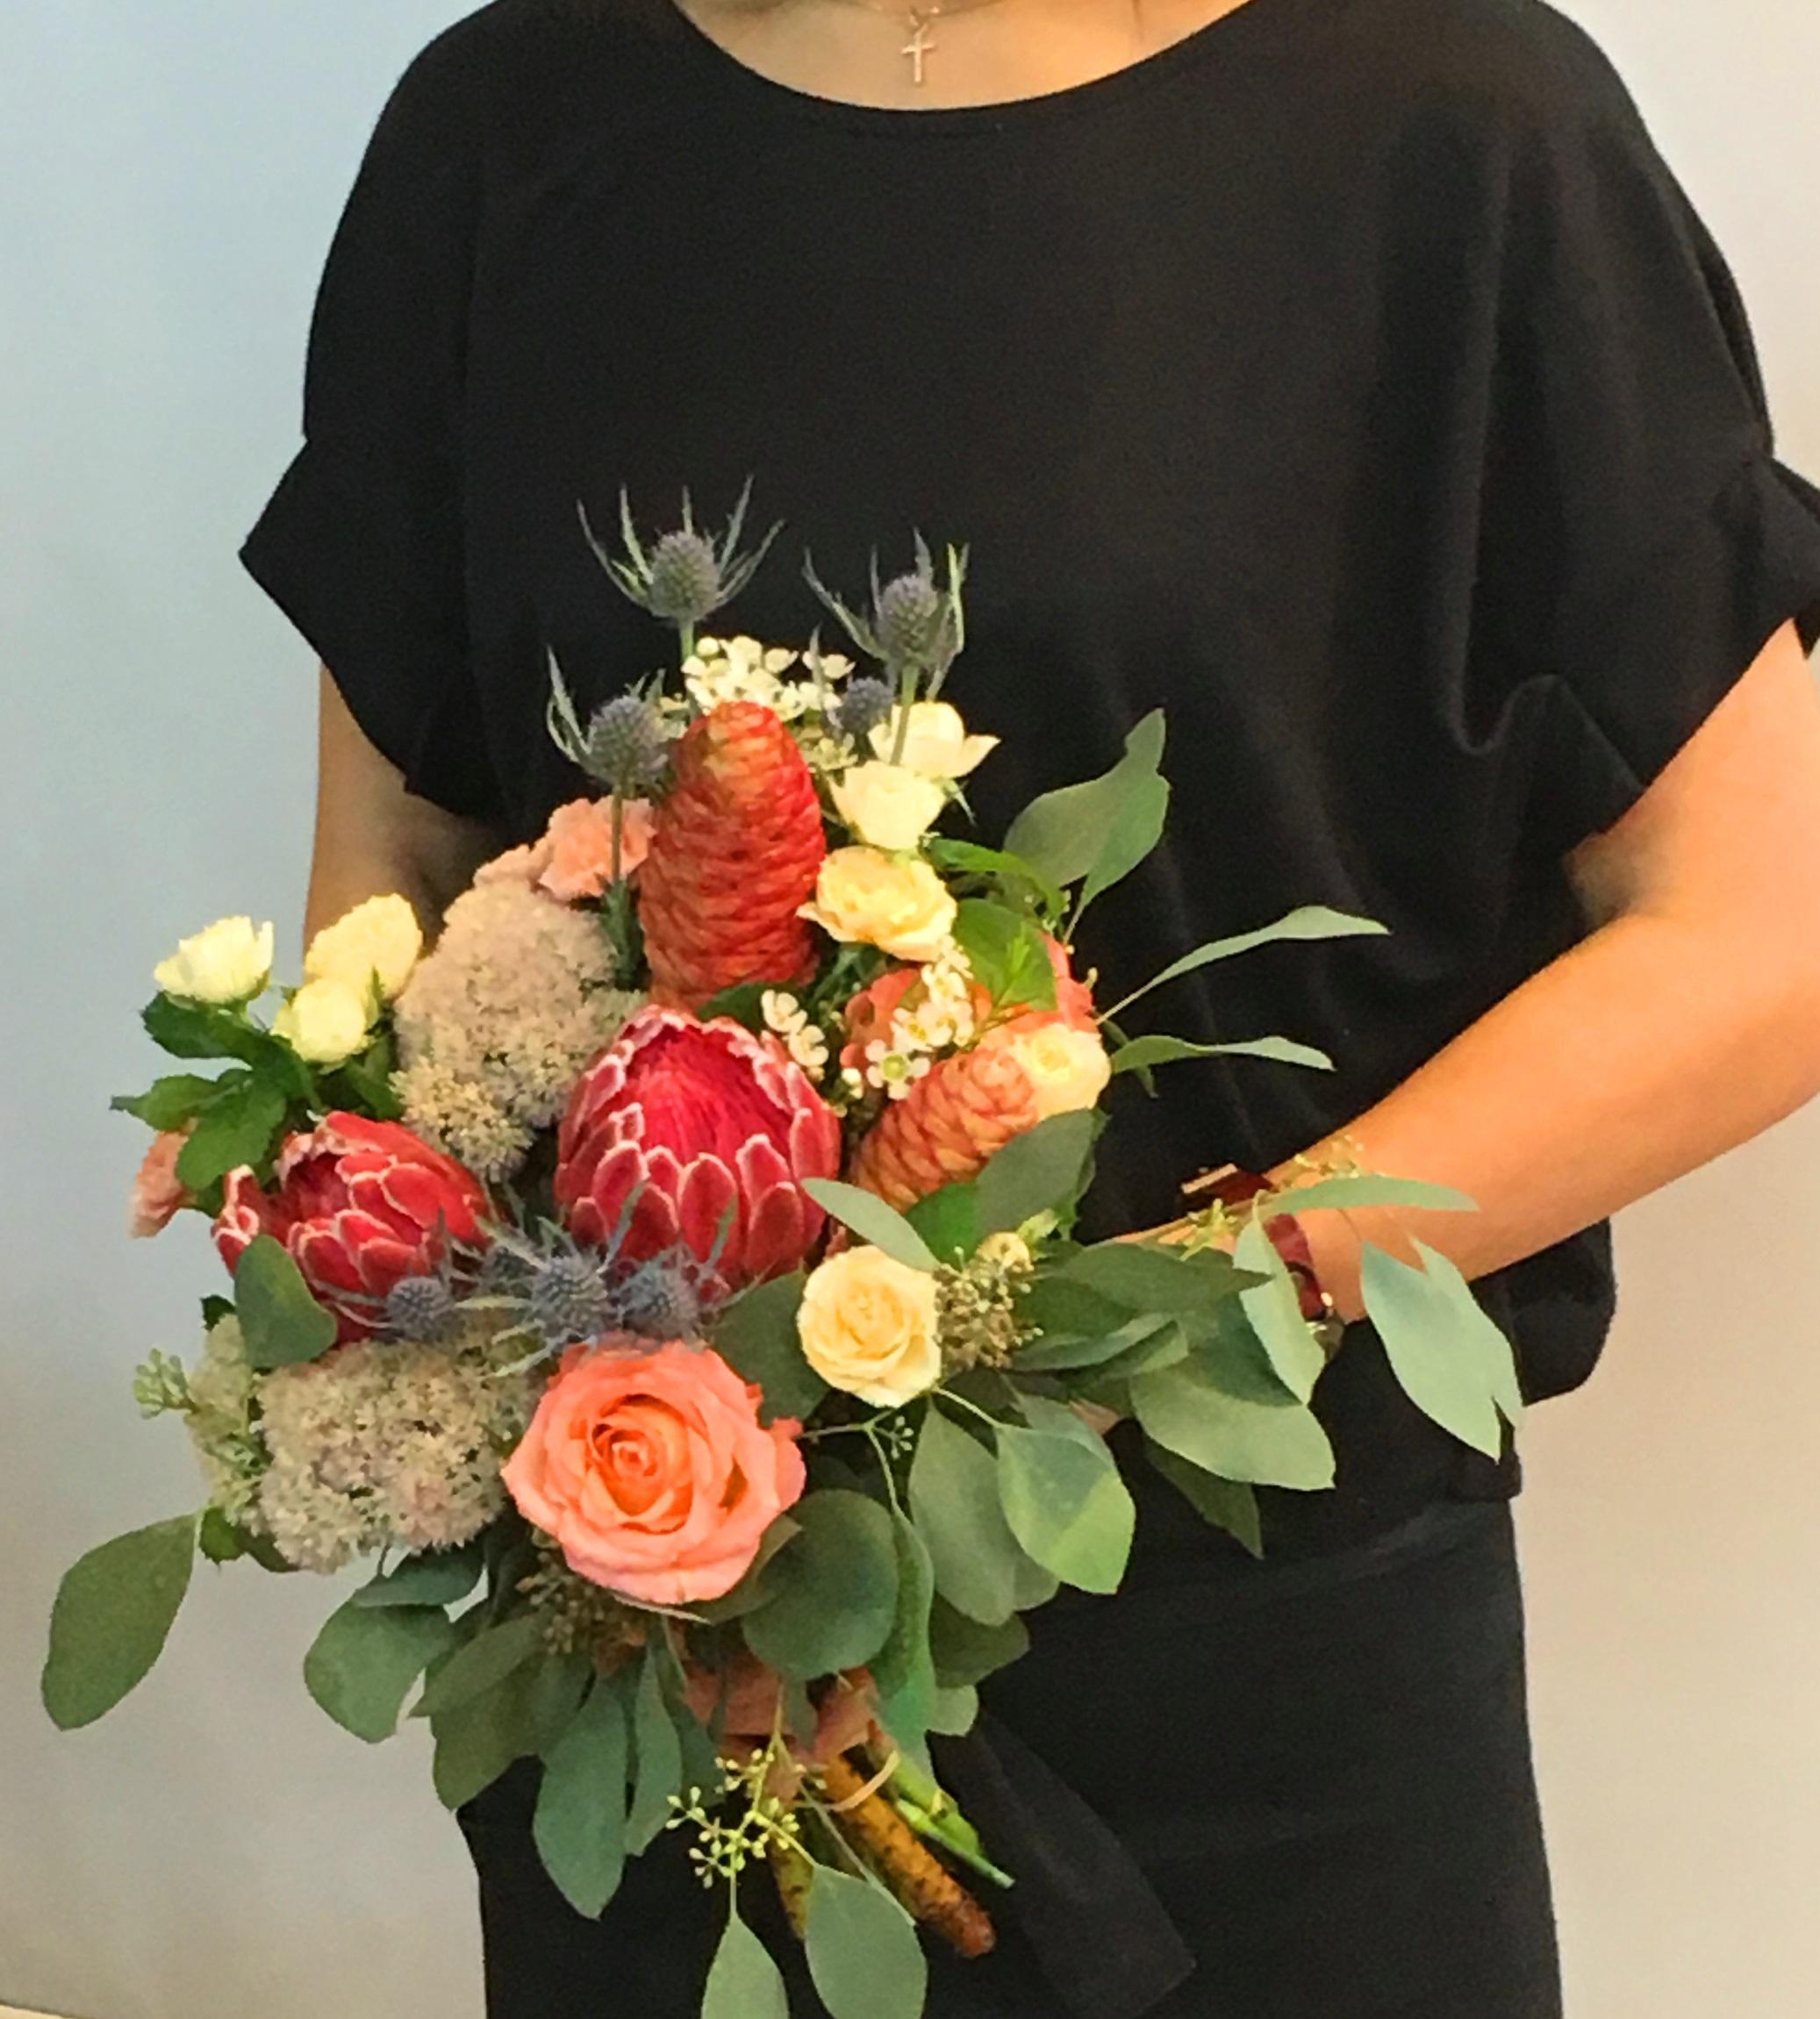 【ナオ花屋の納品事例134】横浜市桜木町みなとみらいの結婚式場へブーケを配達しました!